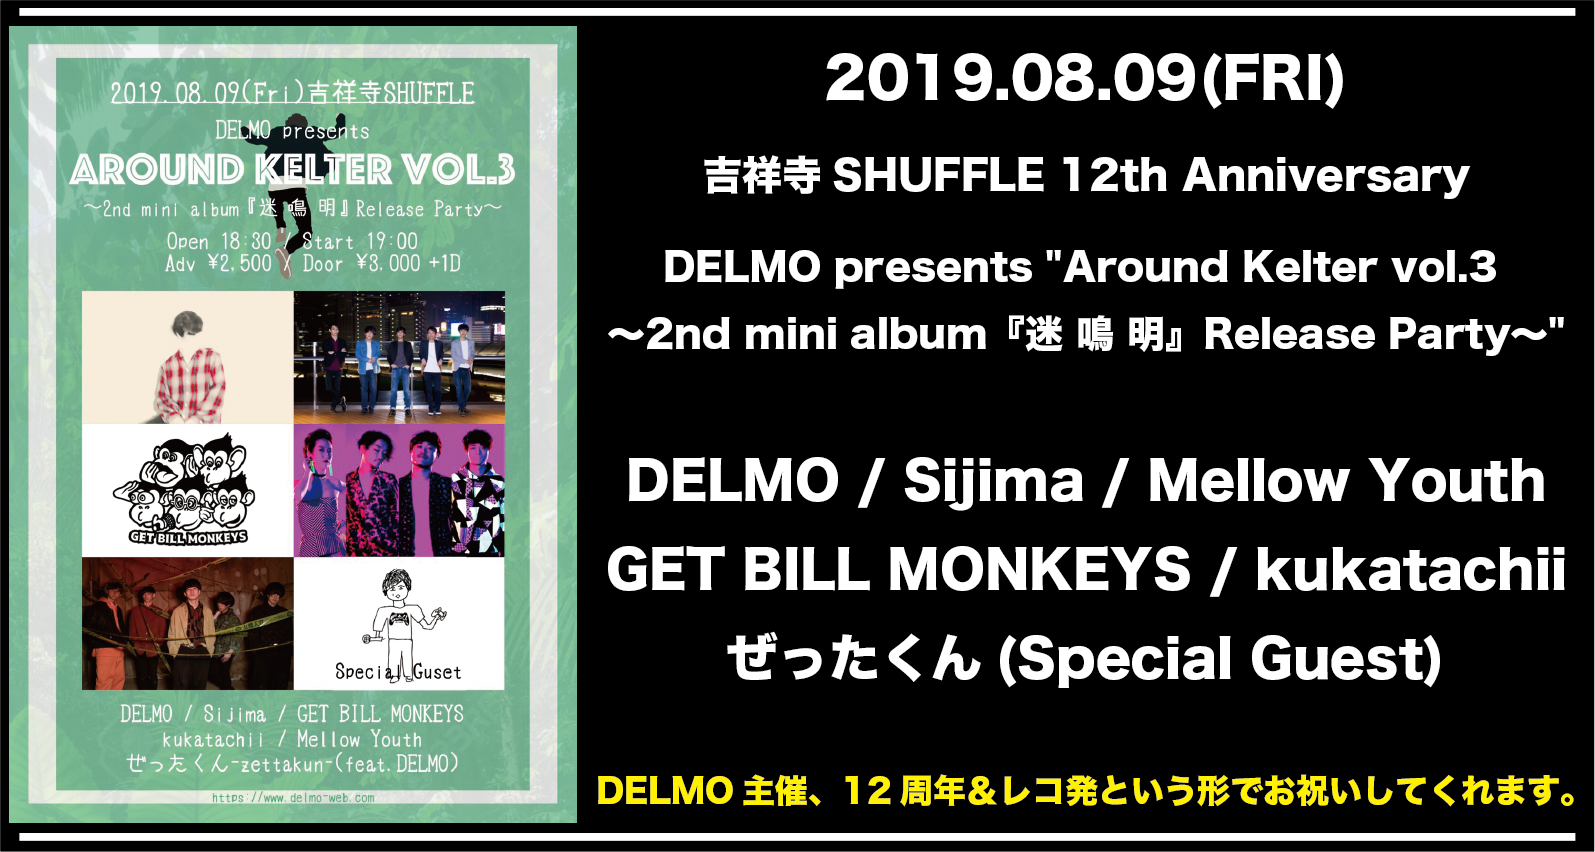 吉祥寺SHUFFLE 12th Anniversary DELMO presents AROUND KELTER VOL.3〜2nd mini album リリース企画〜